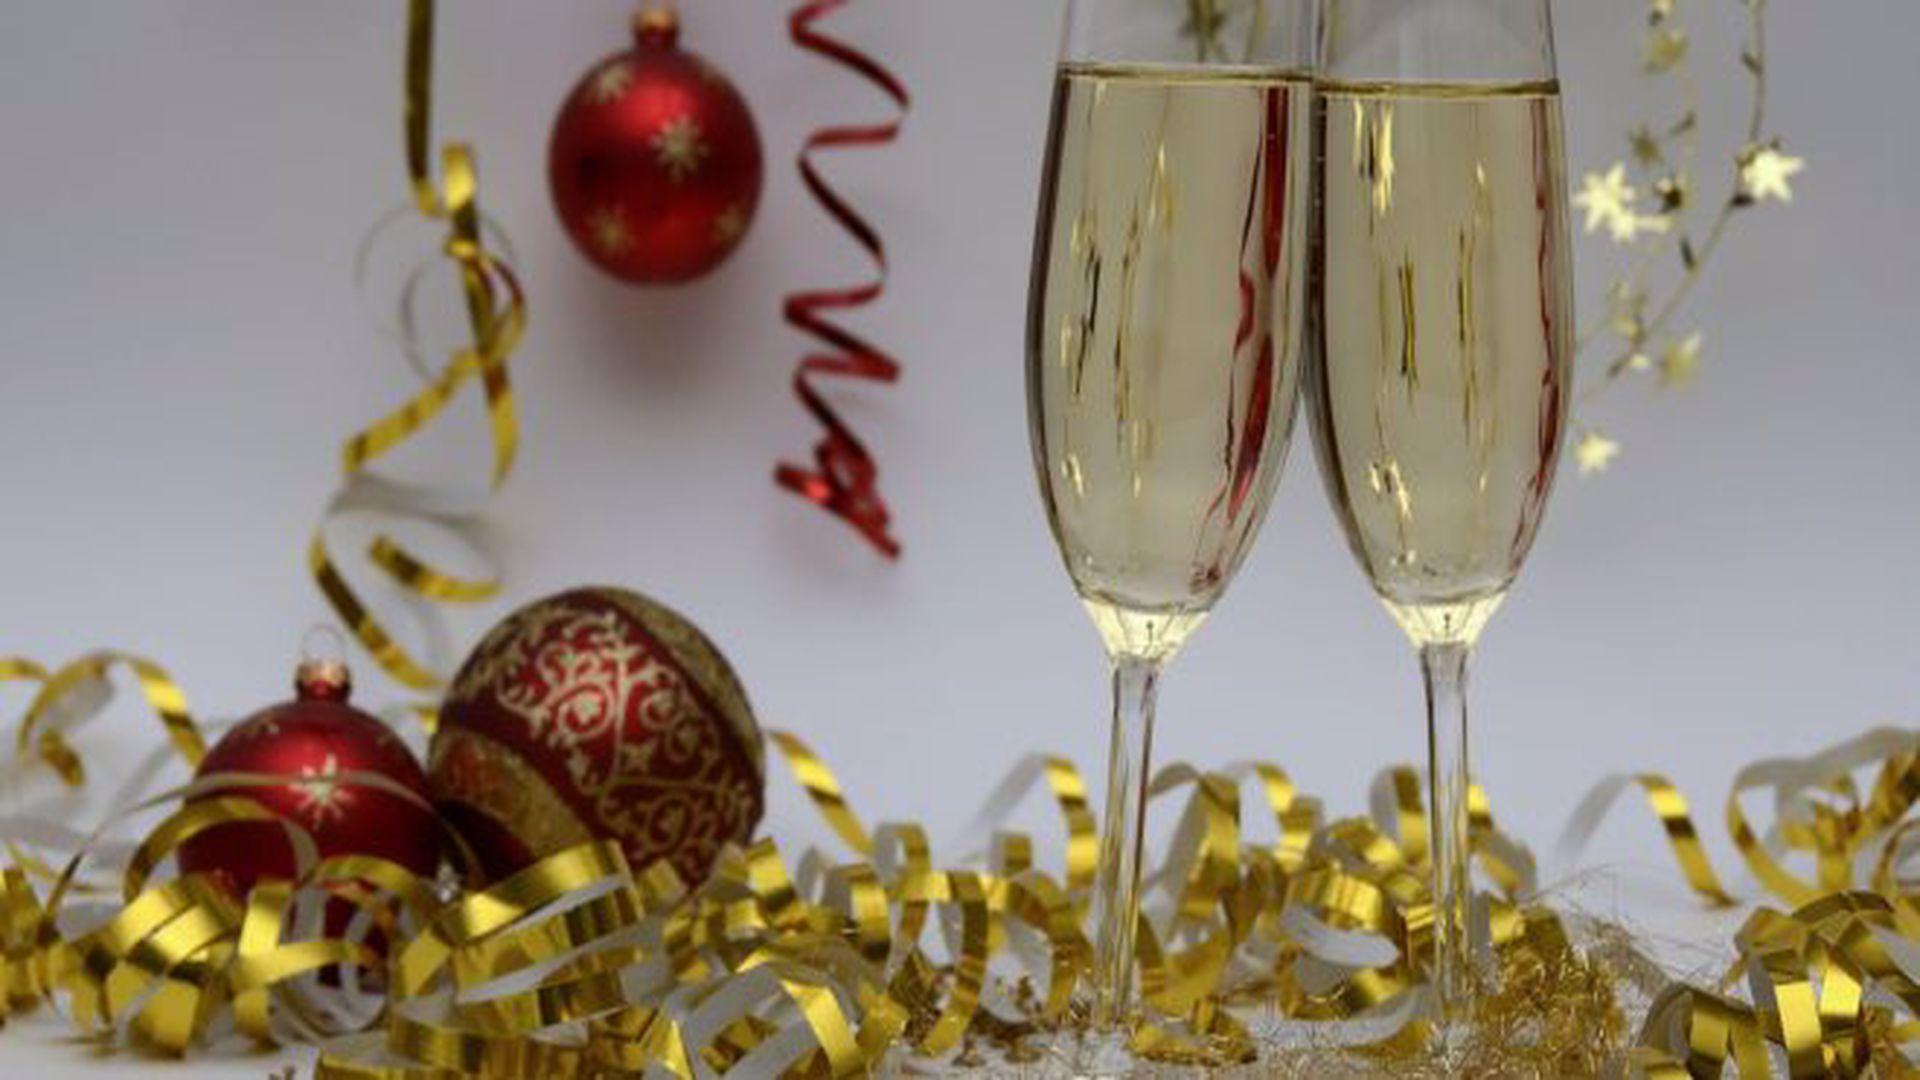 Tradiții de Revelion. Ce e bine să faci în noaptea dintre ani